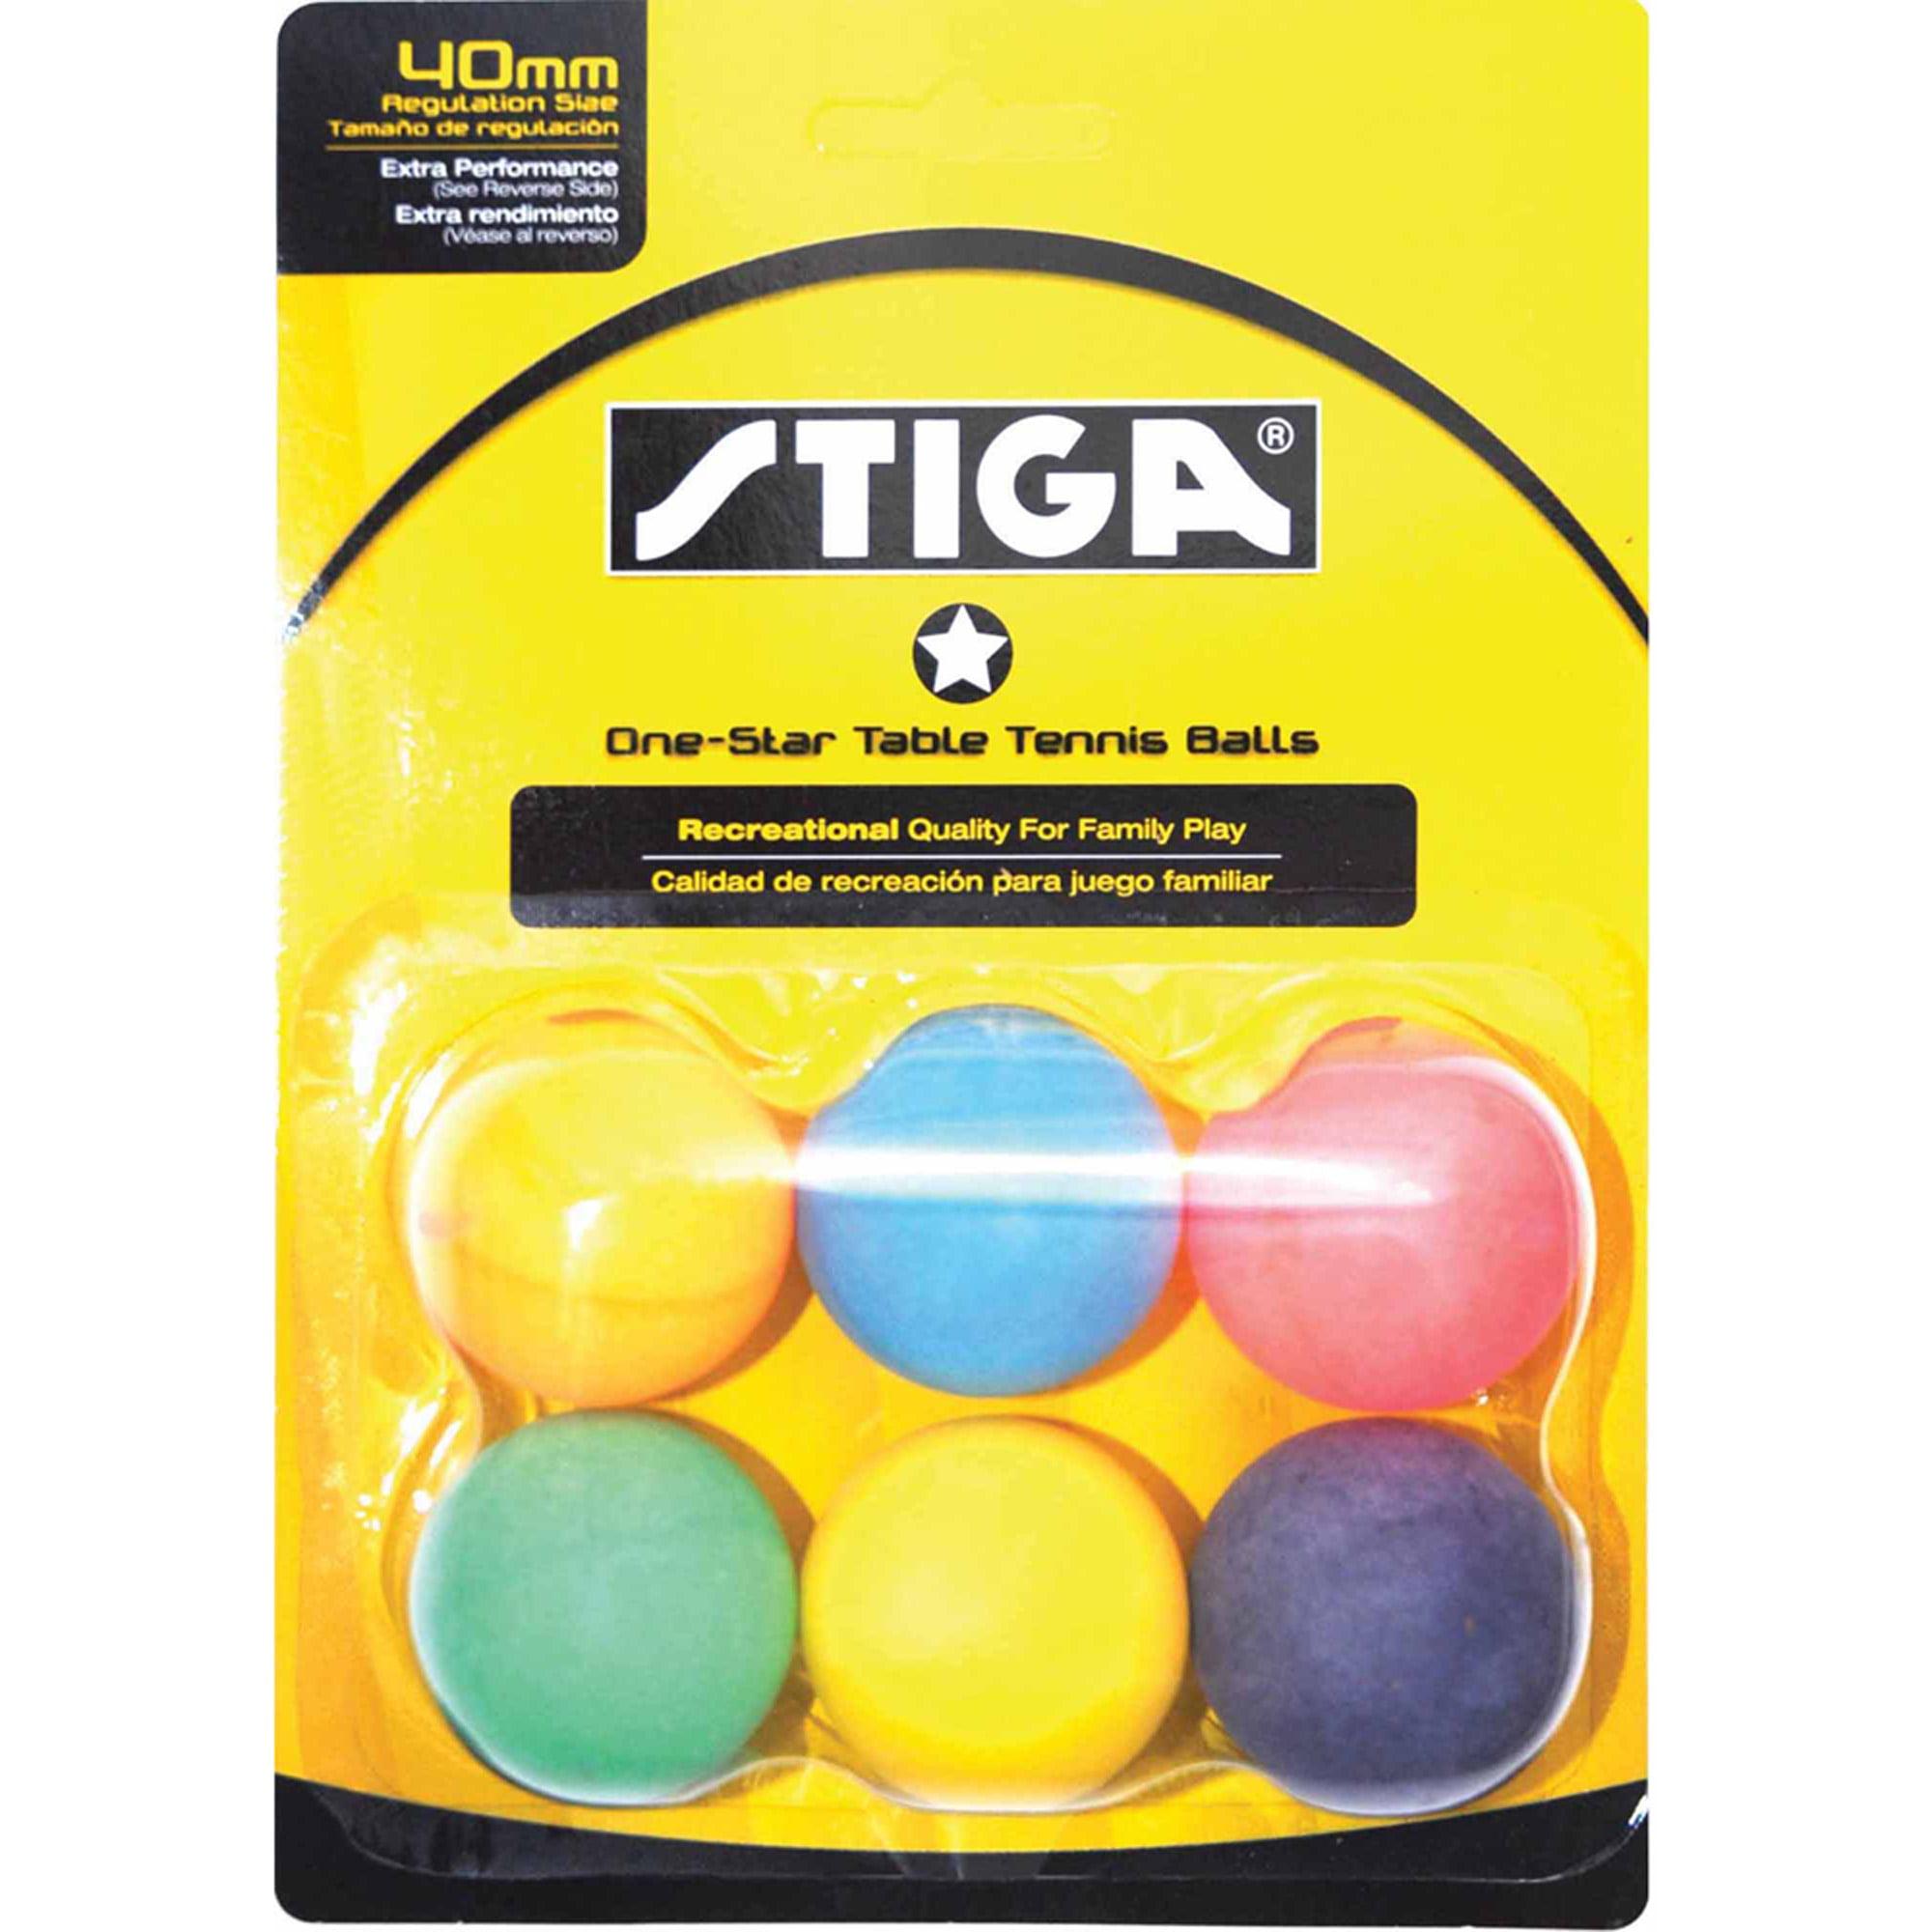 STIGA 1-Star Multicolor Table Tennis Balls, 6pk